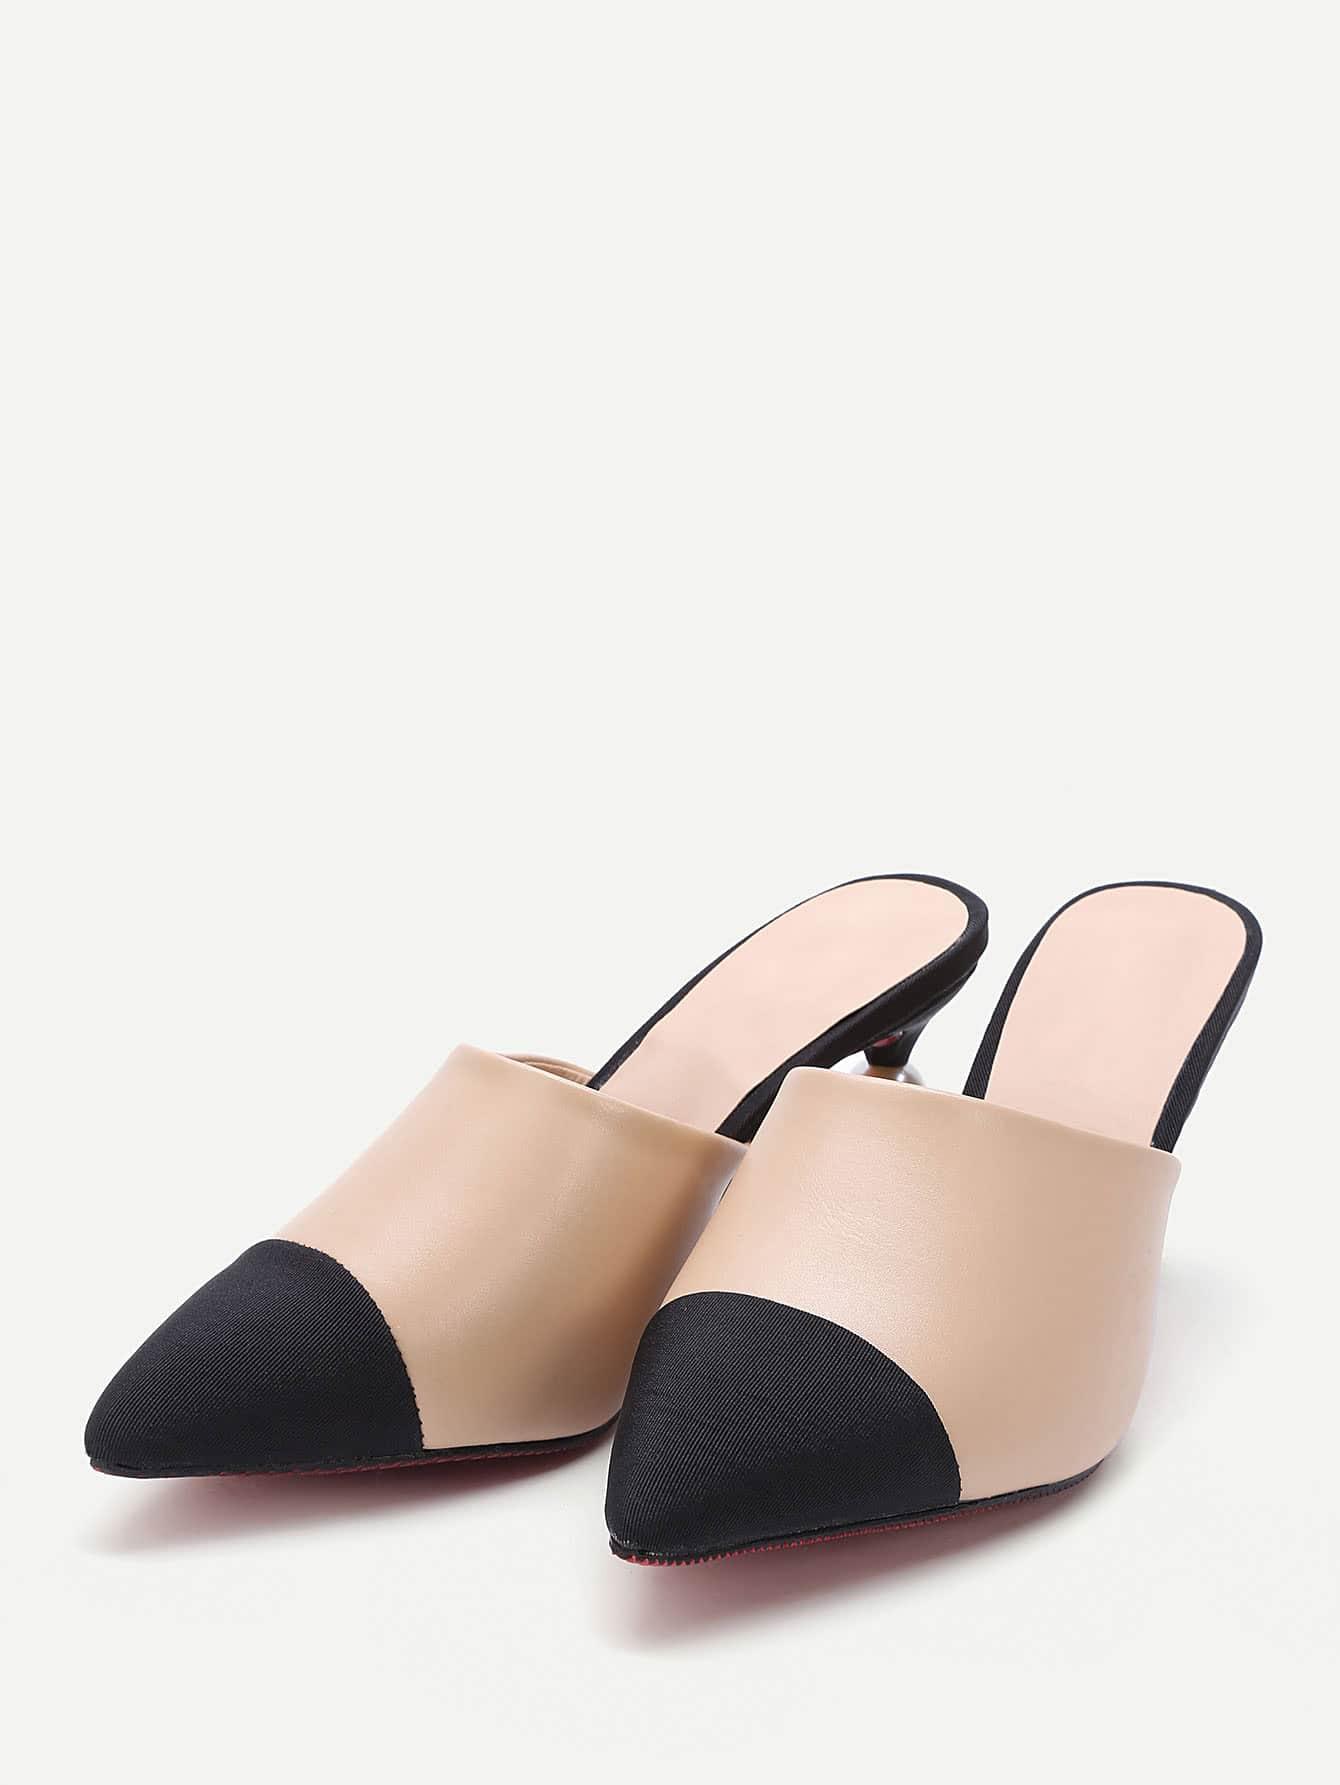 shoes170307807_2